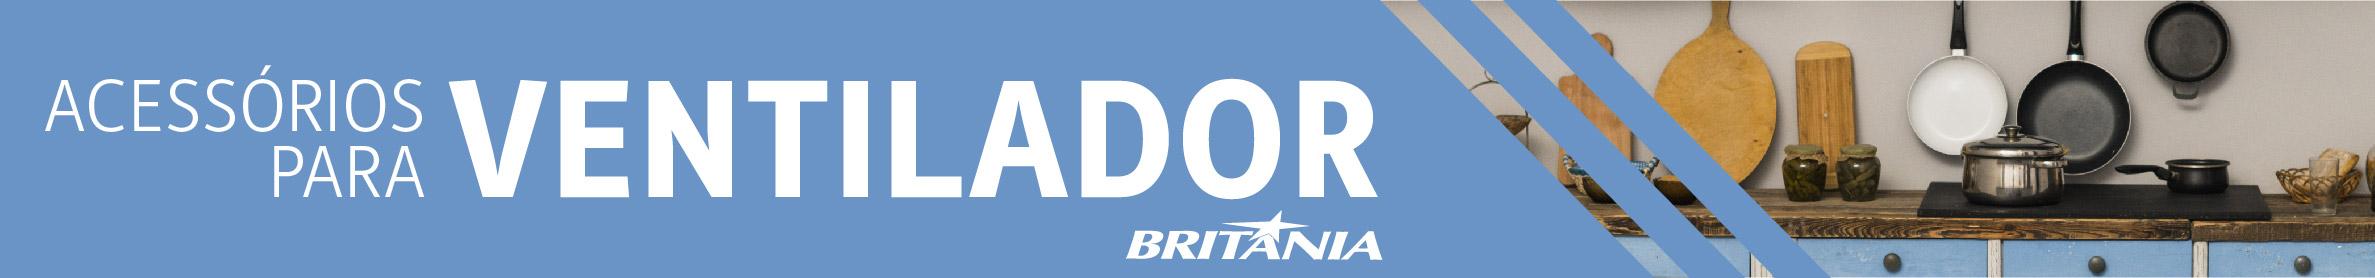 Ventilador-britania